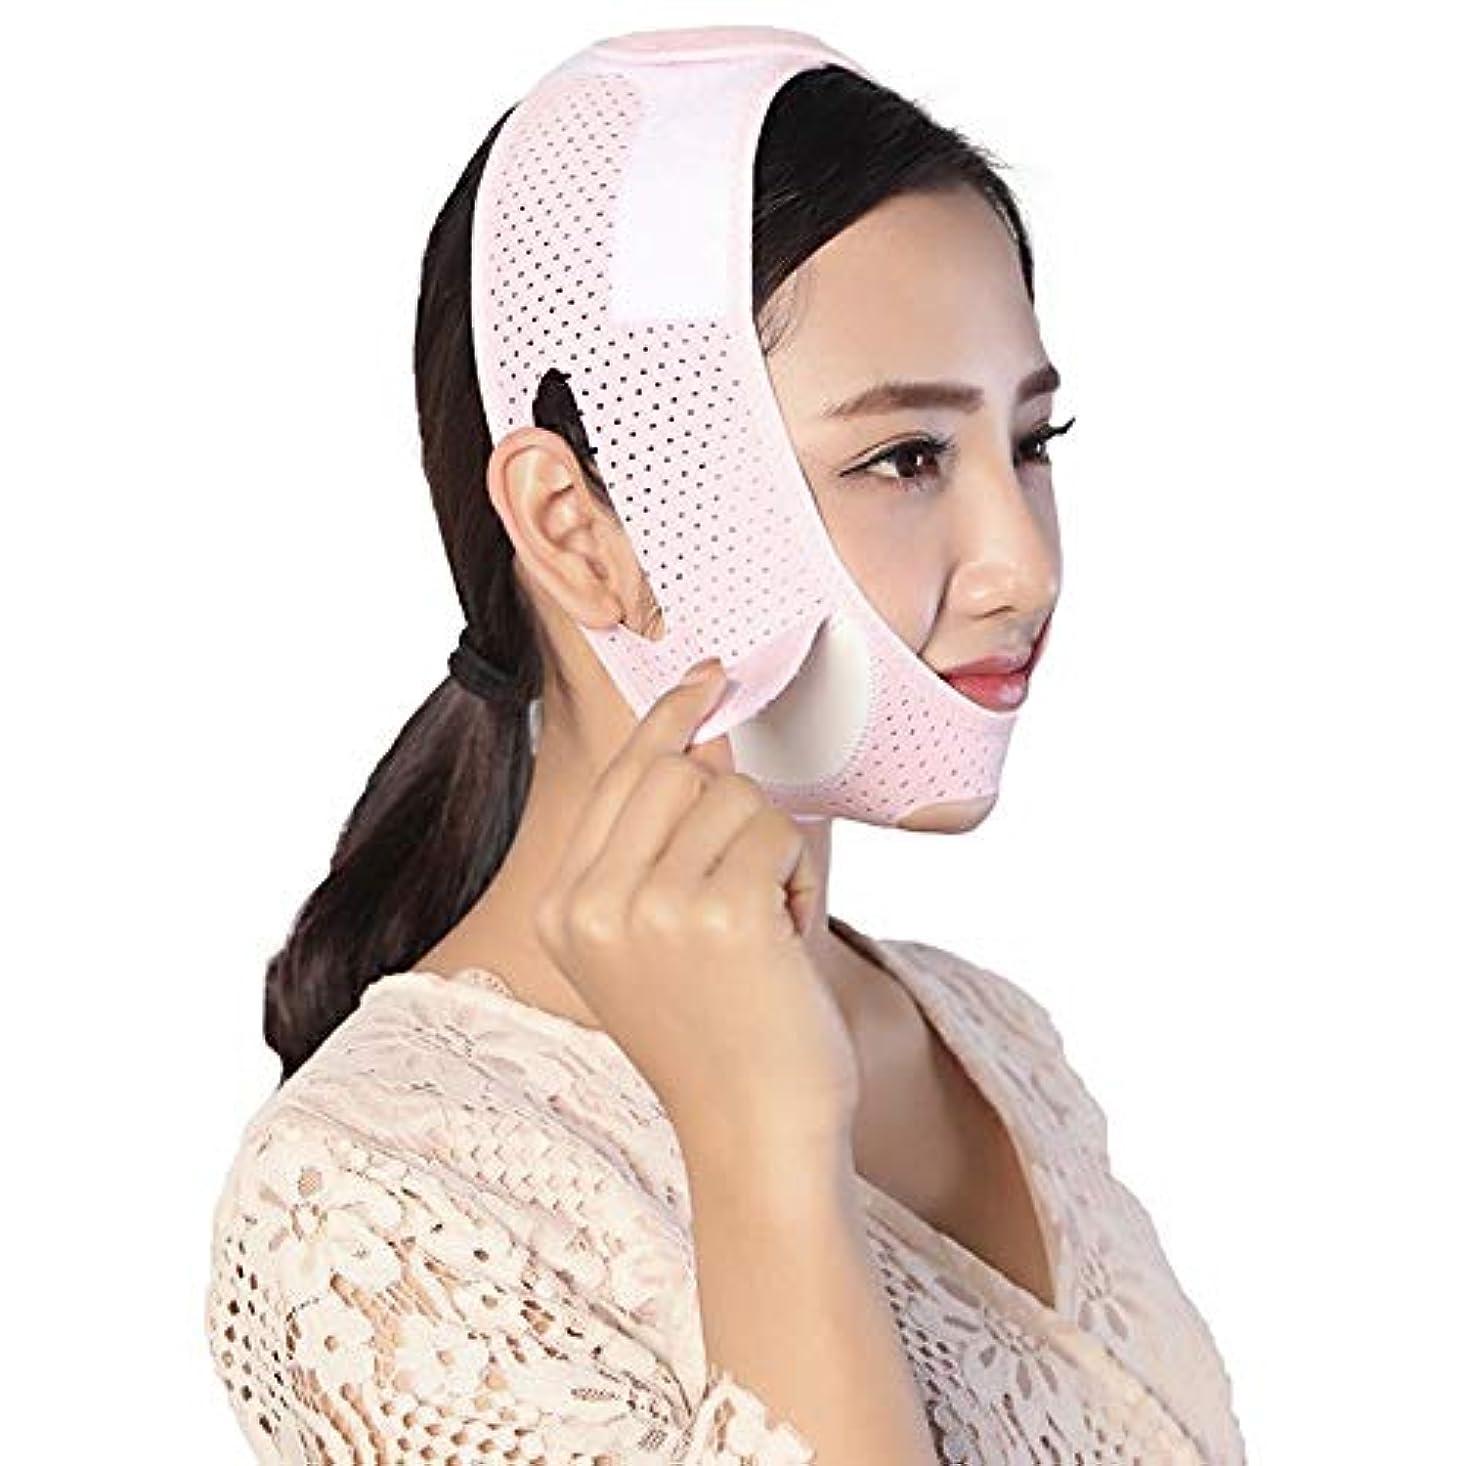 重さ同情的直面するフェイスリフトベルト 薄い顔のバンド - 薄い顔の包帯は、ダブルの顎の法令Vをマスクするために持ち上げて睡眠マスクの通気